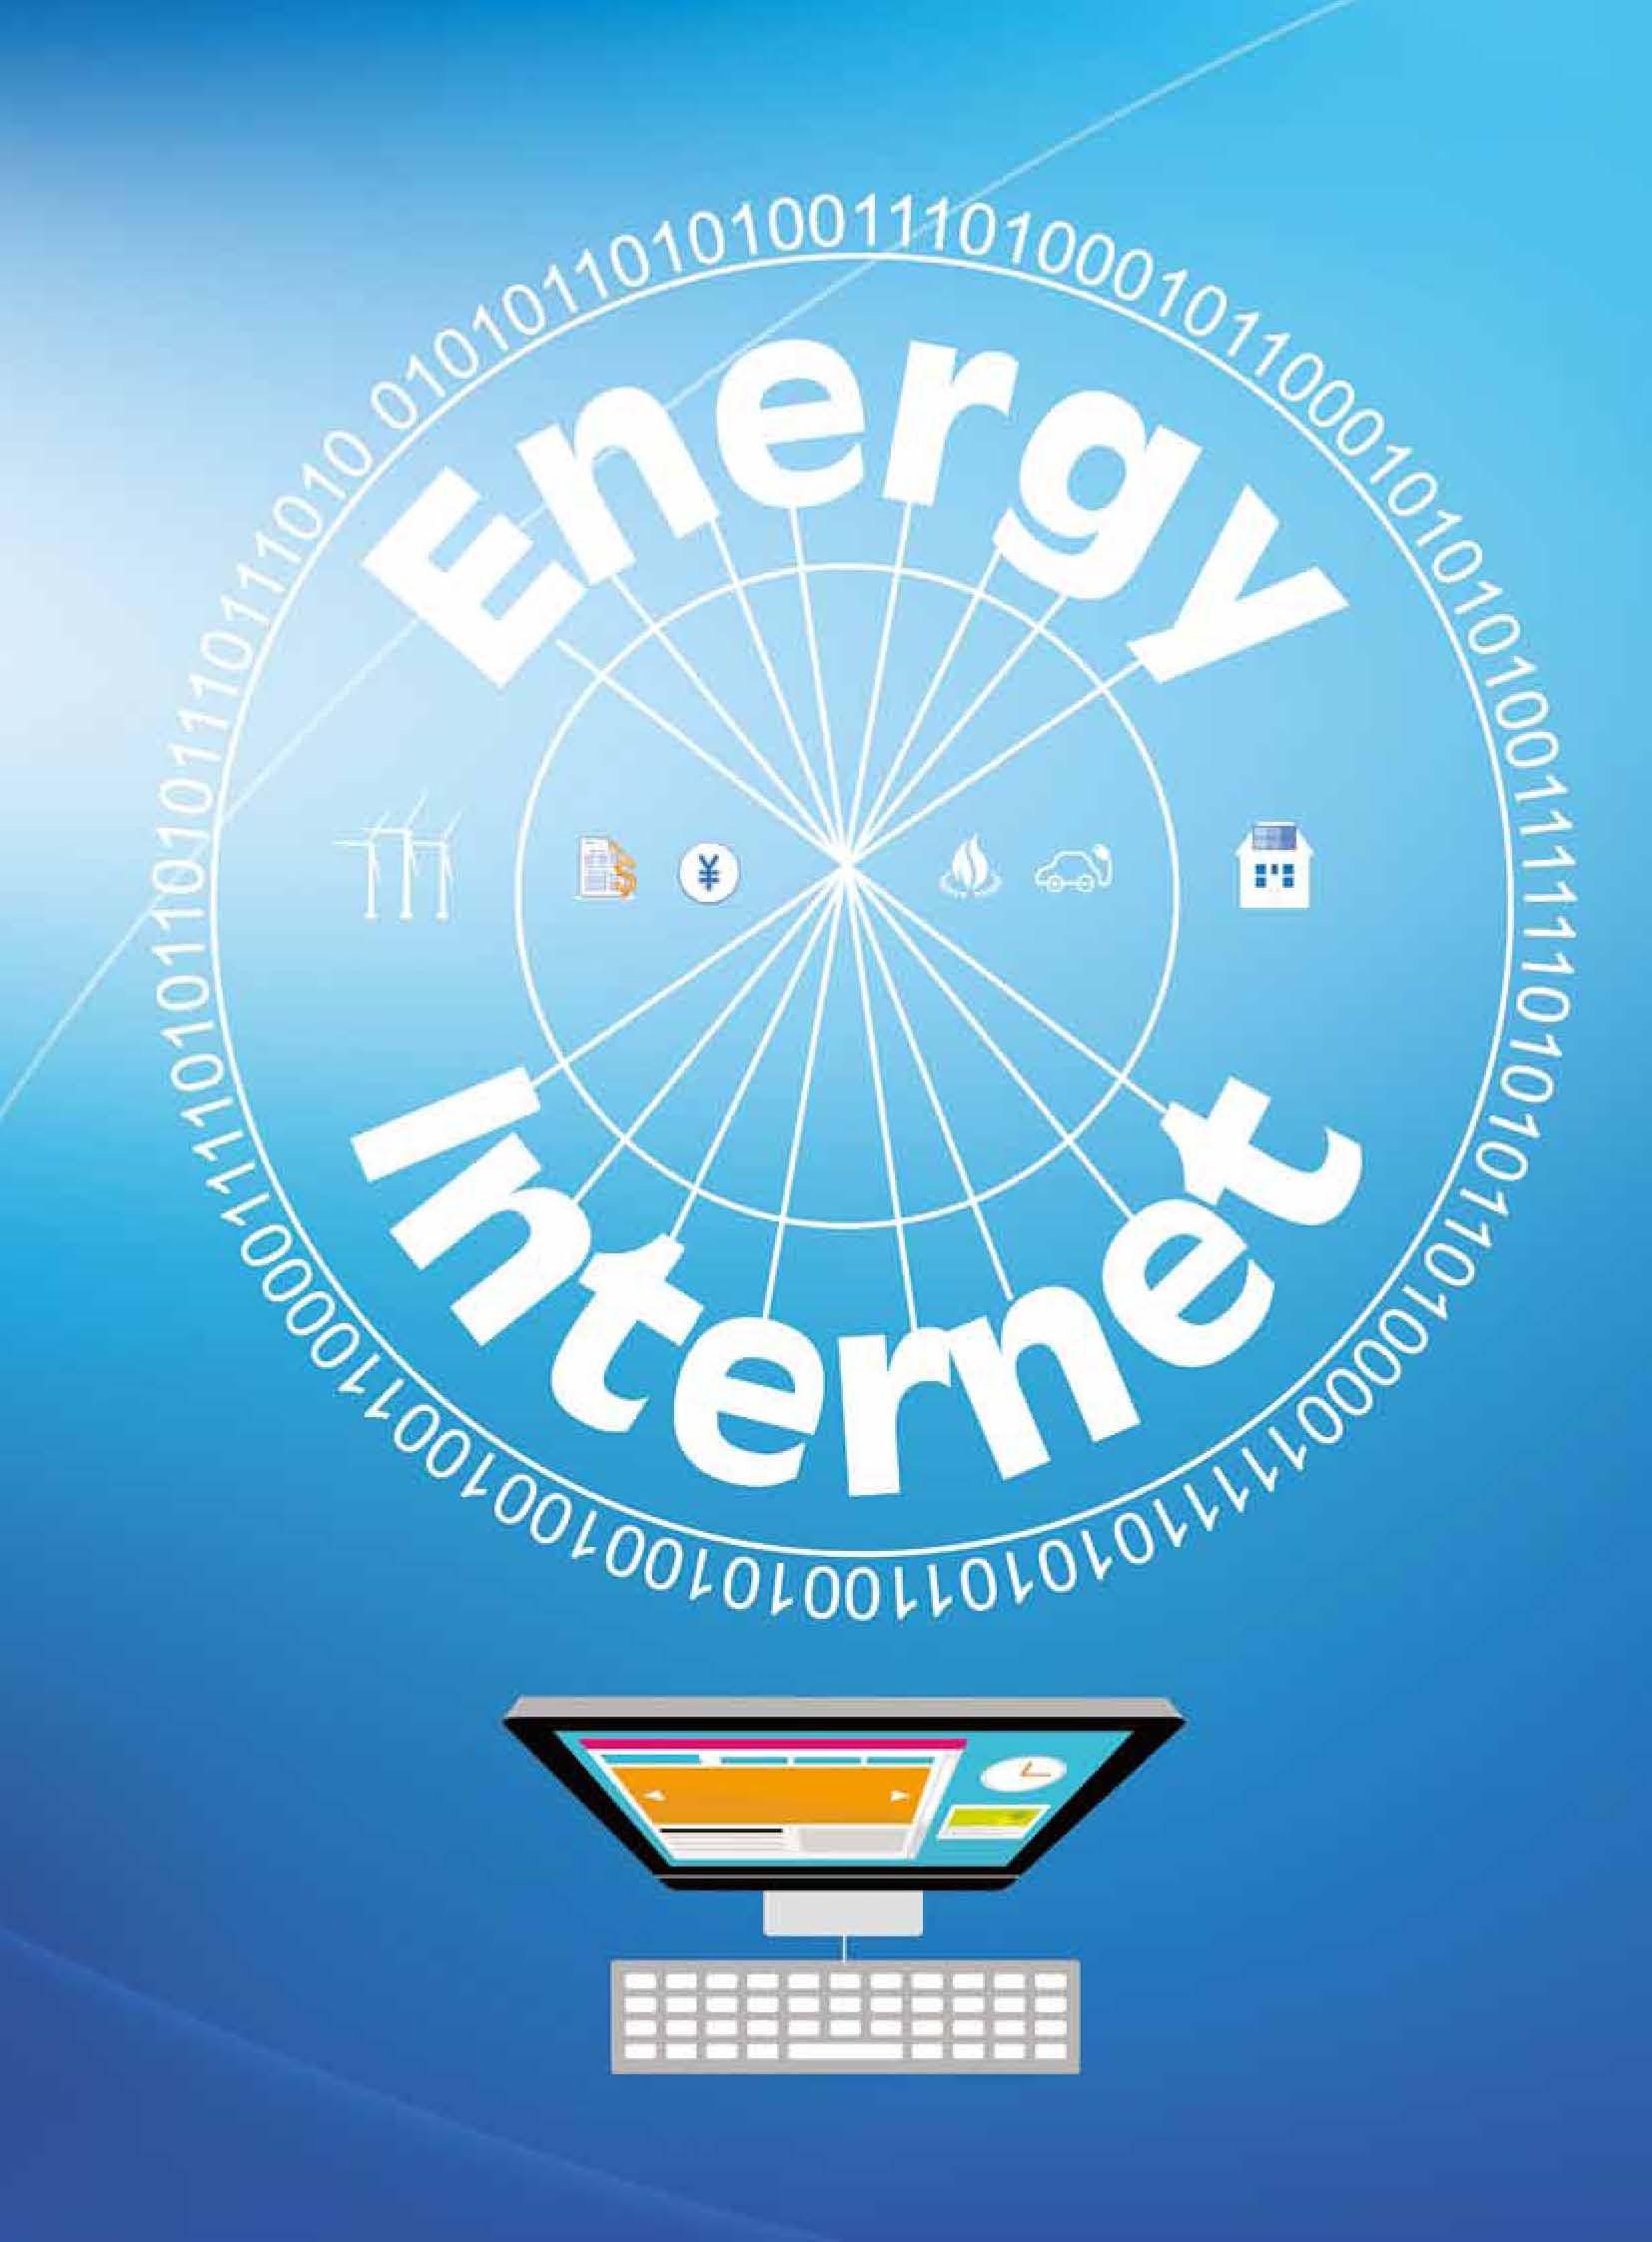 说到互联网与商业的结合,大概很多人会想到马云的阿里巴巴和淘宝。互联网购物的奇妙之处在于,无论你想要的商品与服务有多新奇和个性,只要输入到网络,都会有意想不到的结果。而今,当互联网遇上能源,又会碰撞出什么火花? 试想有一天,你打开电脑或者手机,就会有一条定制的信息告诉你,你家各种电器的耗能情况,你们小区用电账单对比,你家屋顶光伏发电当天的收益,还有某发电商推出的购电优惠套餐、节能返券位于美国弗吉尼亚州的Opower 公司就在提供这样的服务。该公司客户通过电脑和手机就可以知晓这个月的空调用了多少电,手机用了